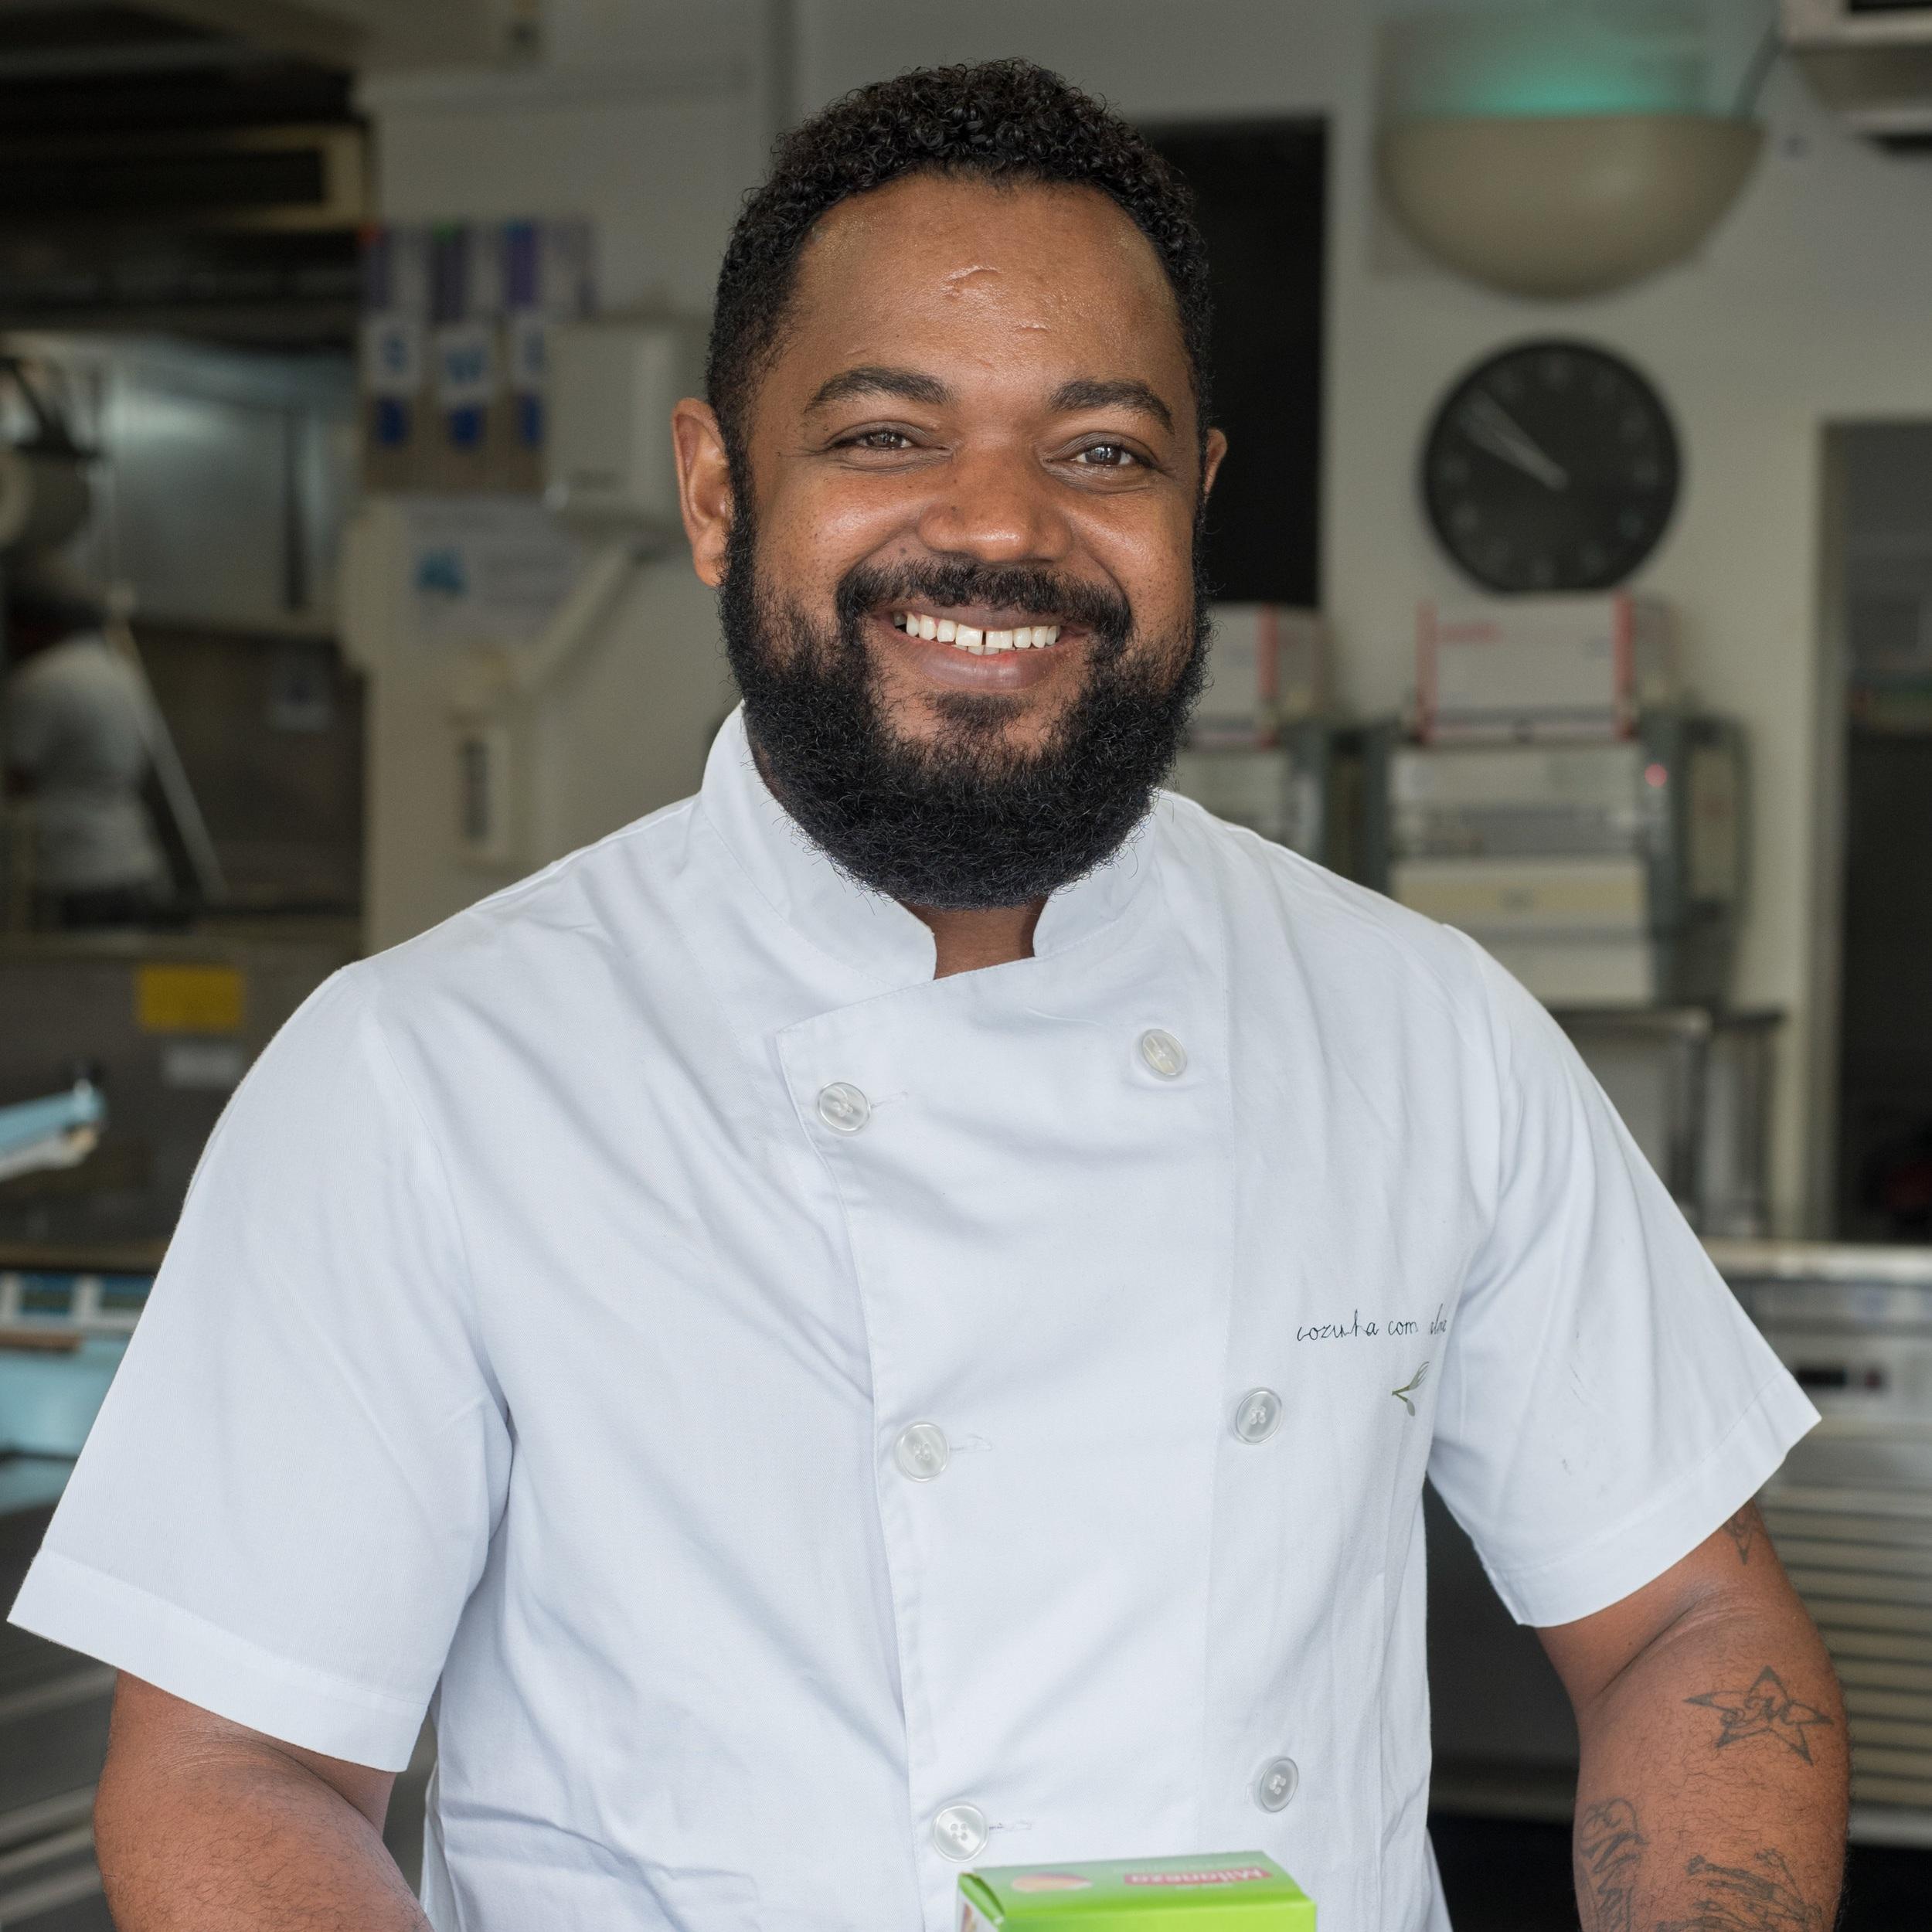 Adilson Tavares   O Adilson, nosso  Ajudante de Cozinha,  rapidamente se integrou na equipa e se destacou pela sua capacidade de trabalho.